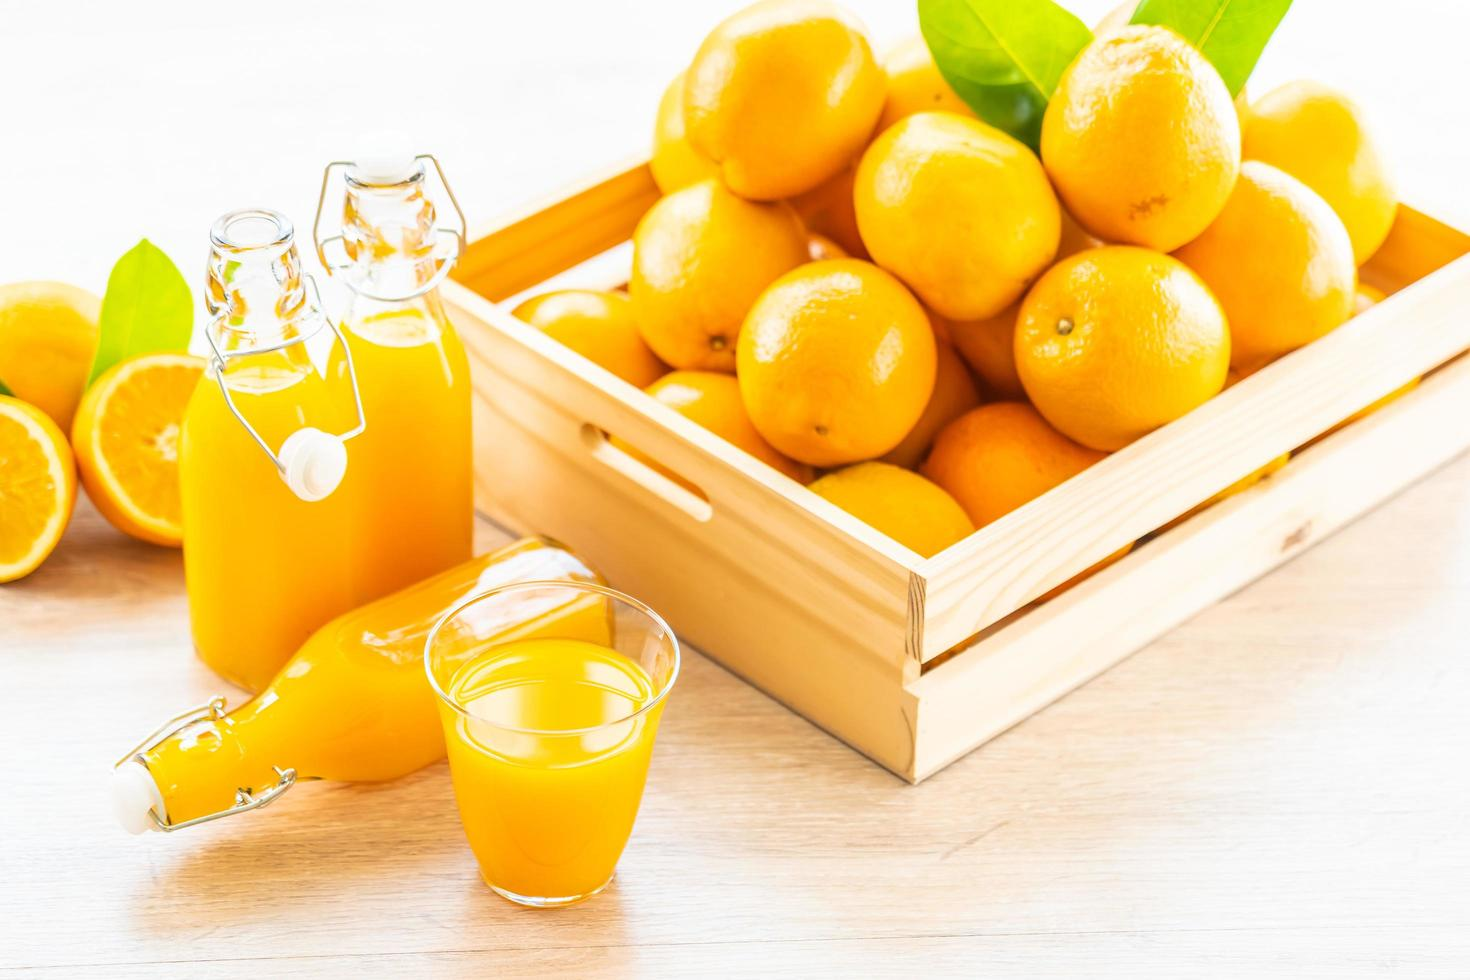 jus d'orange frais à boire dans un verre de bouteille photo